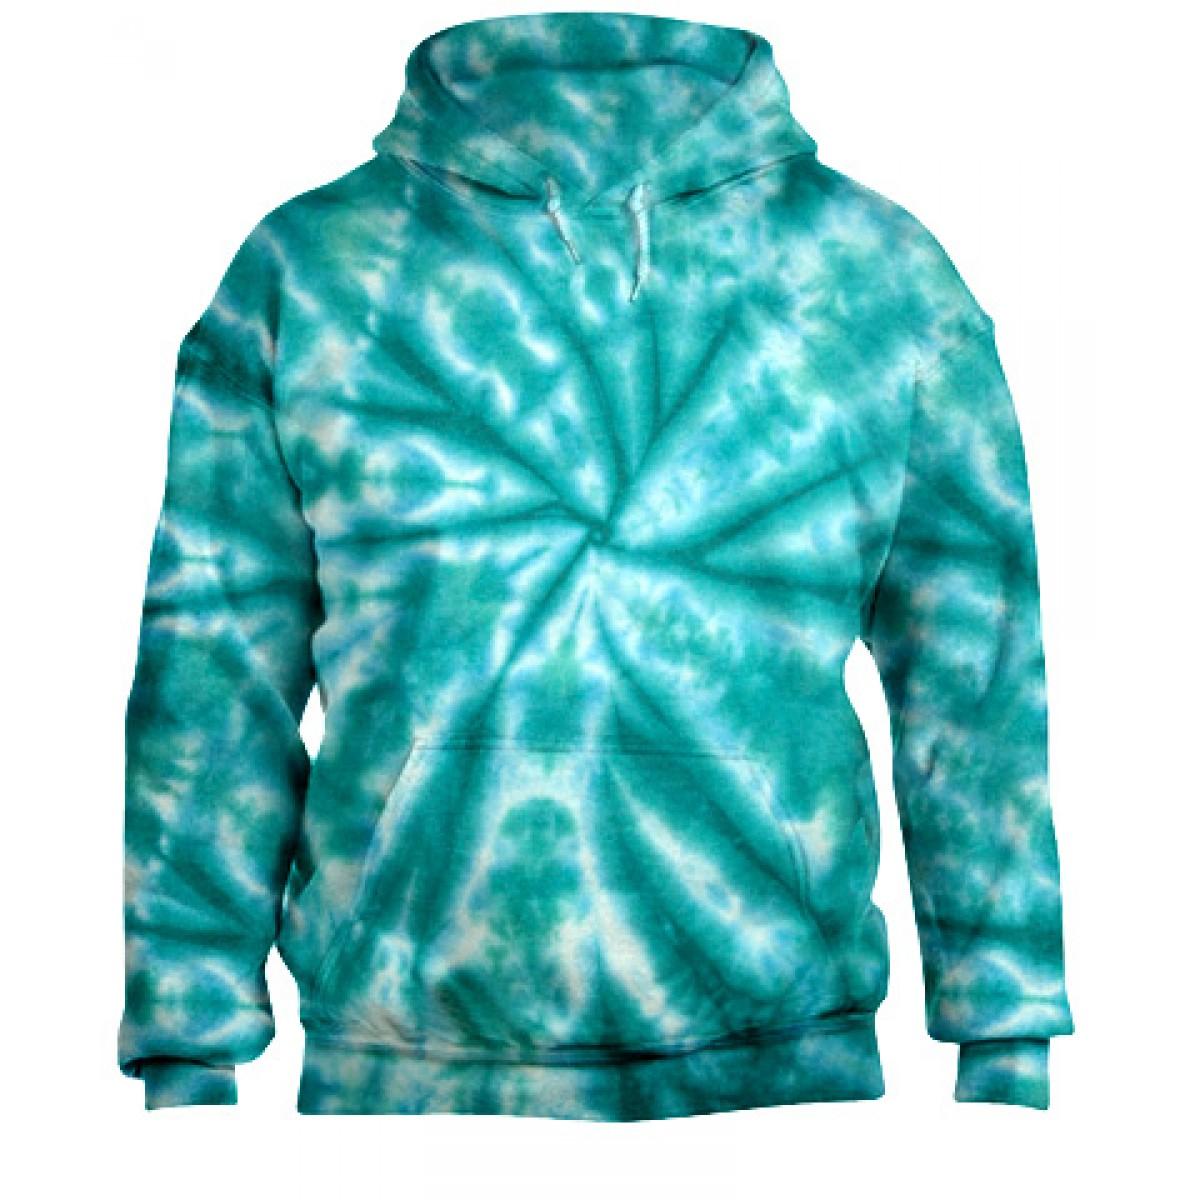 Tie-Dye Pullover Hooded Sweatshirt-Jade-YL